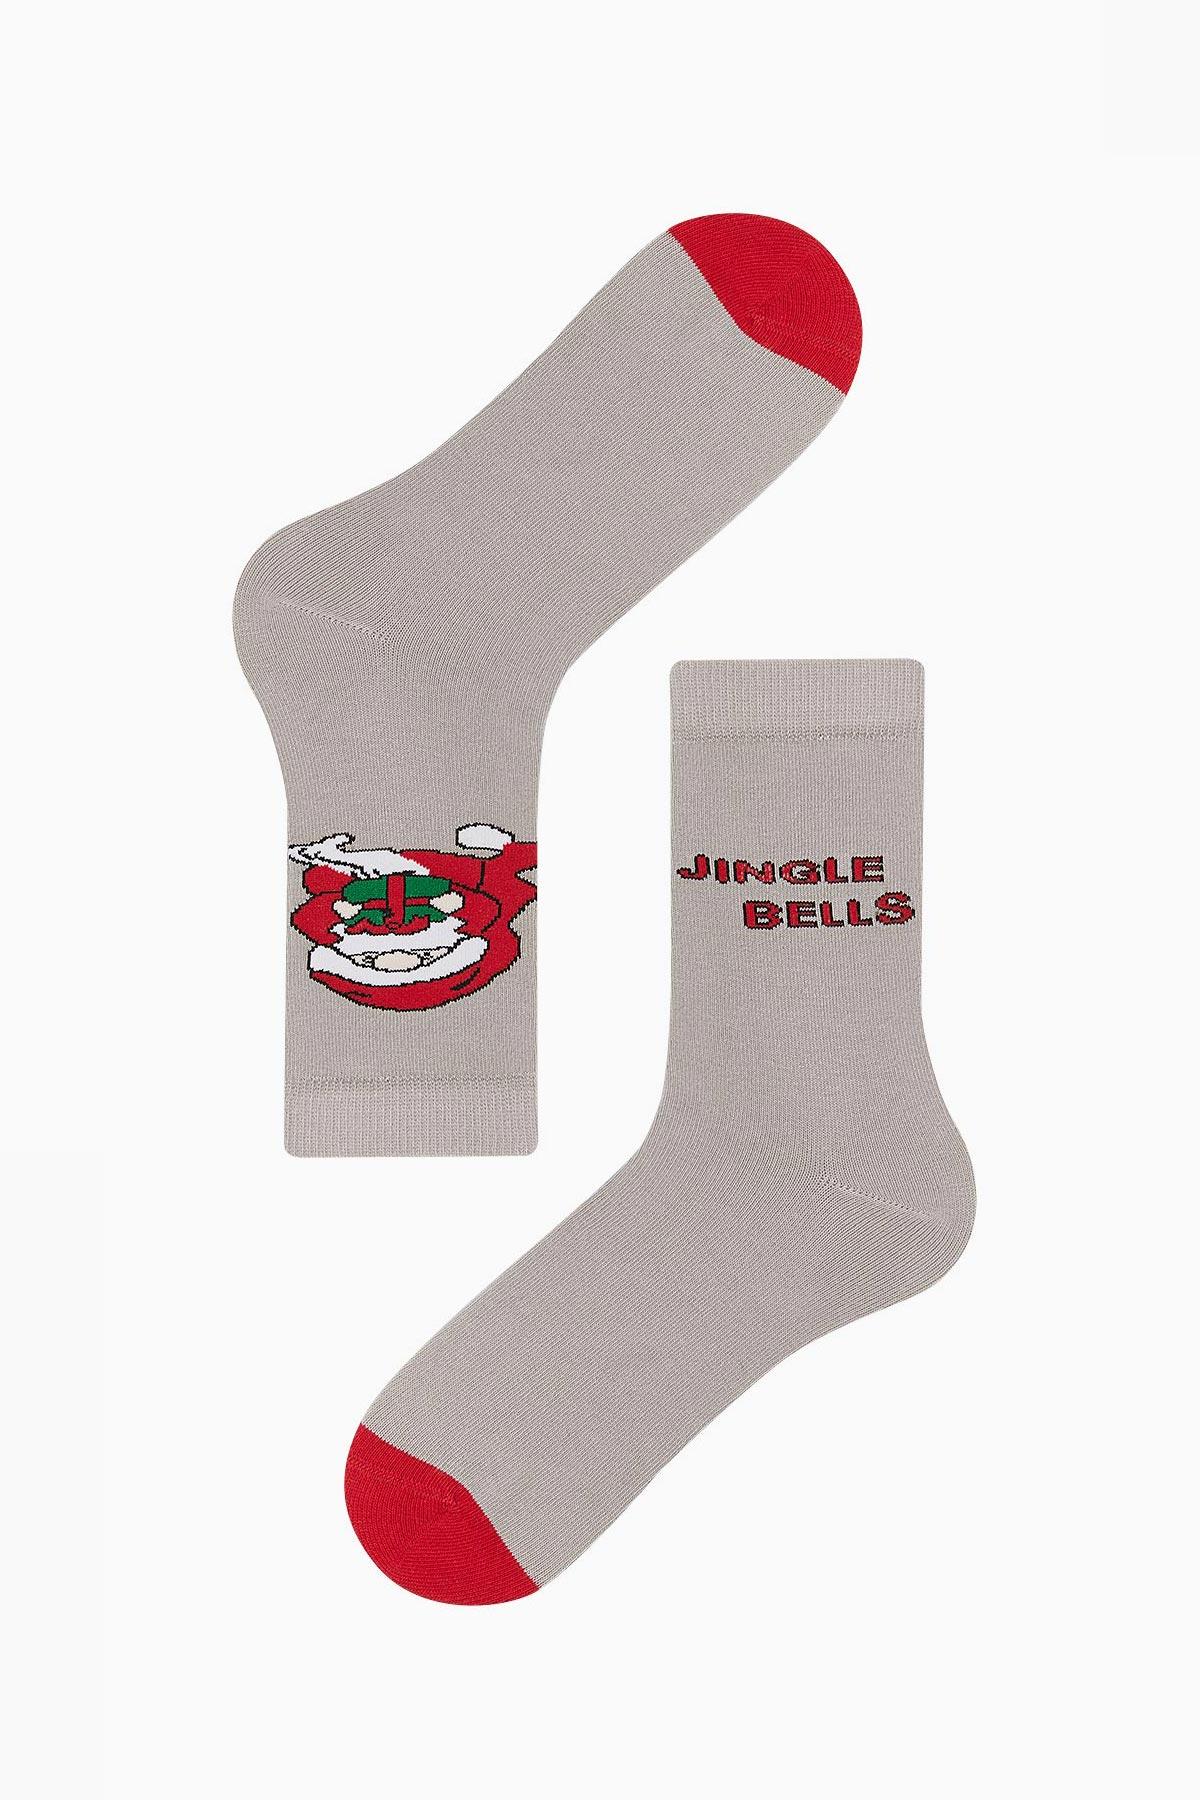 Bross - Bross Jingle Bells Yazılı Unisex Yılbaşı Çorabı